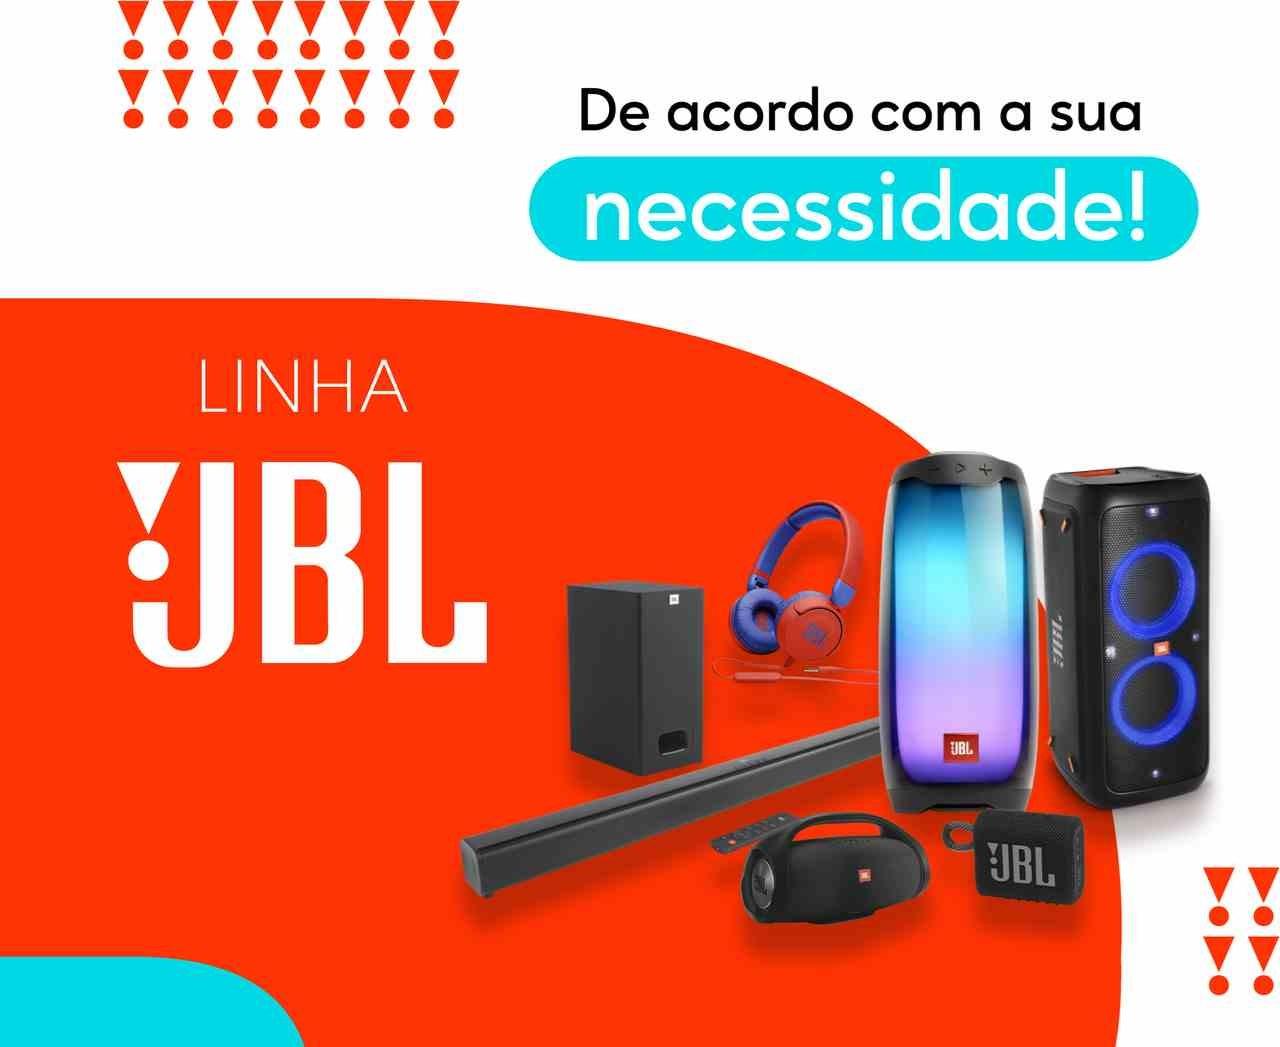 https://www.balbinoshop.com.br/audio-e-video/audio/caixas-de-som